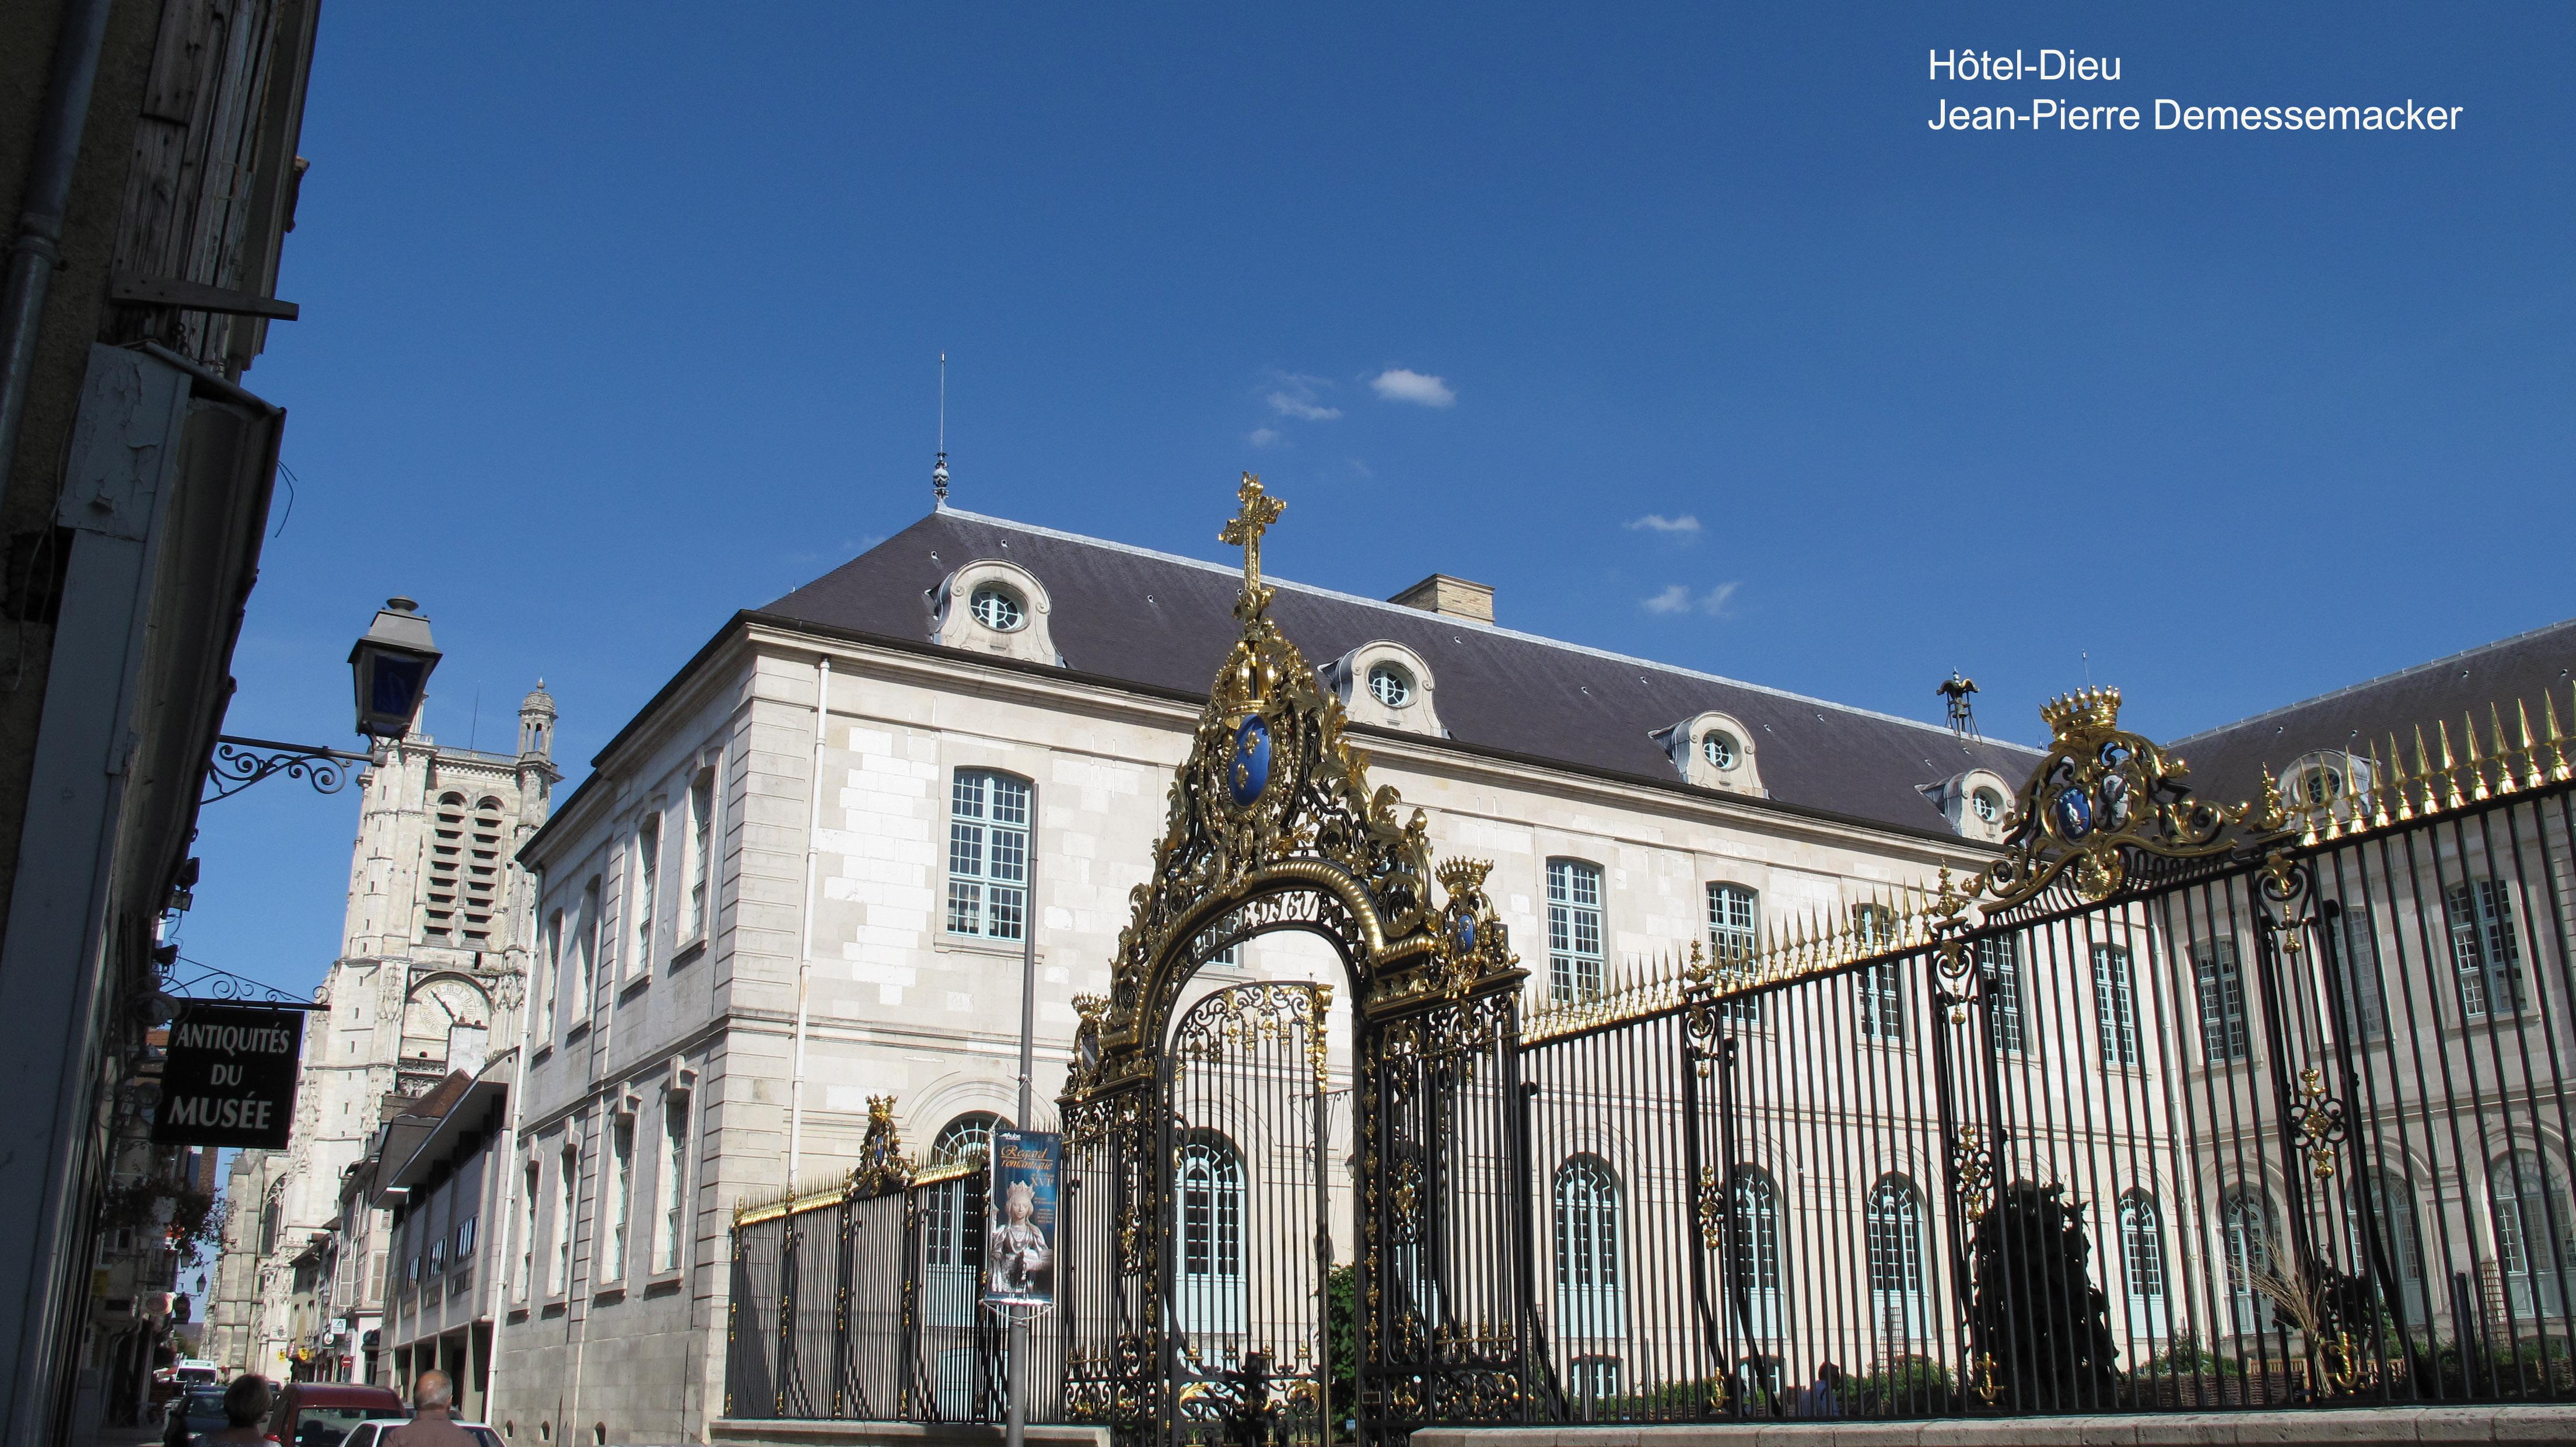 Hôtel-Dieu_6413